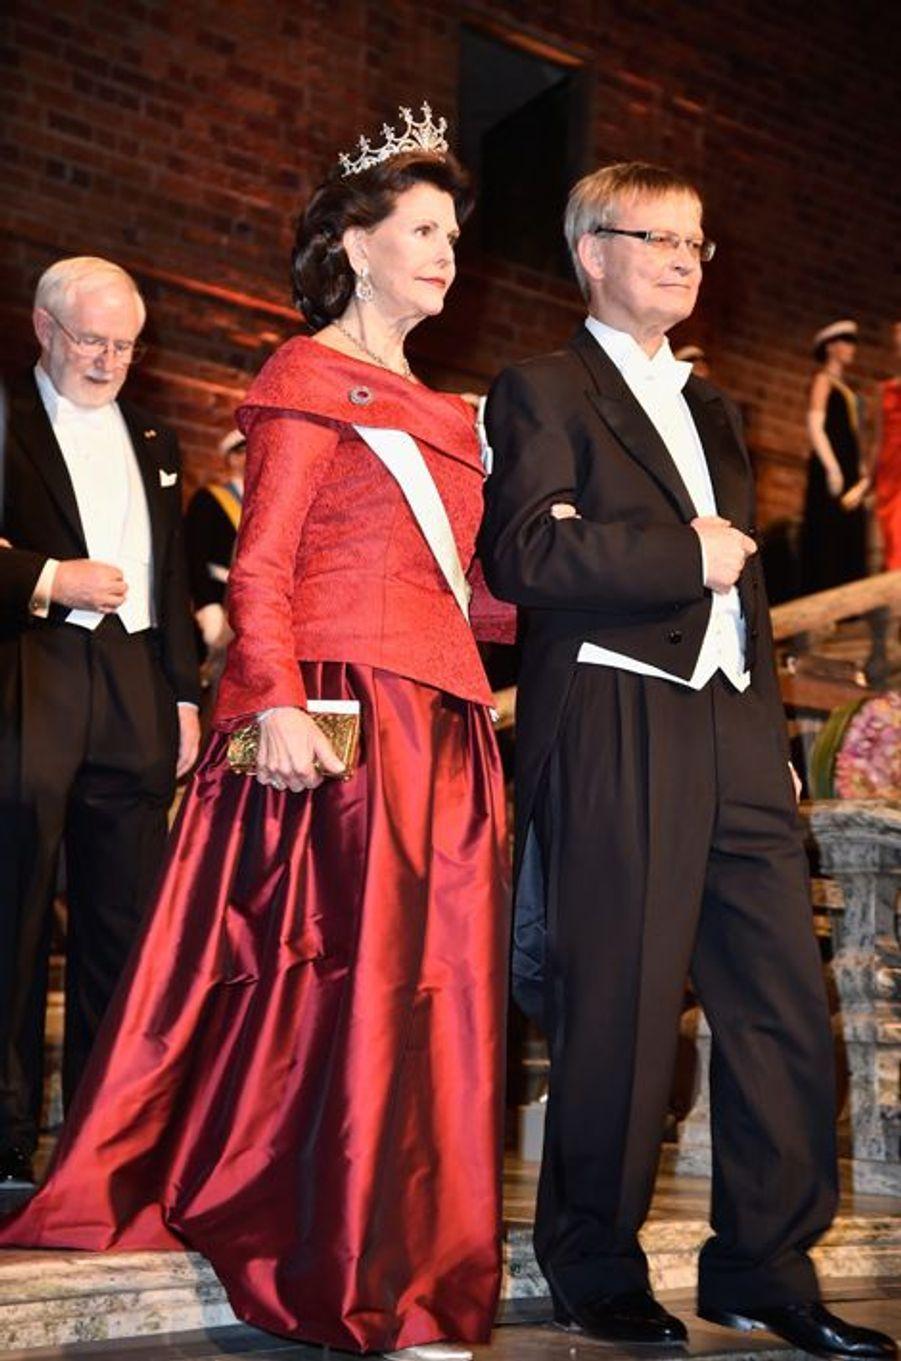 La reine Silvia de Suède au banquet des Nobel à Stockholm, le 10 décembre 2015